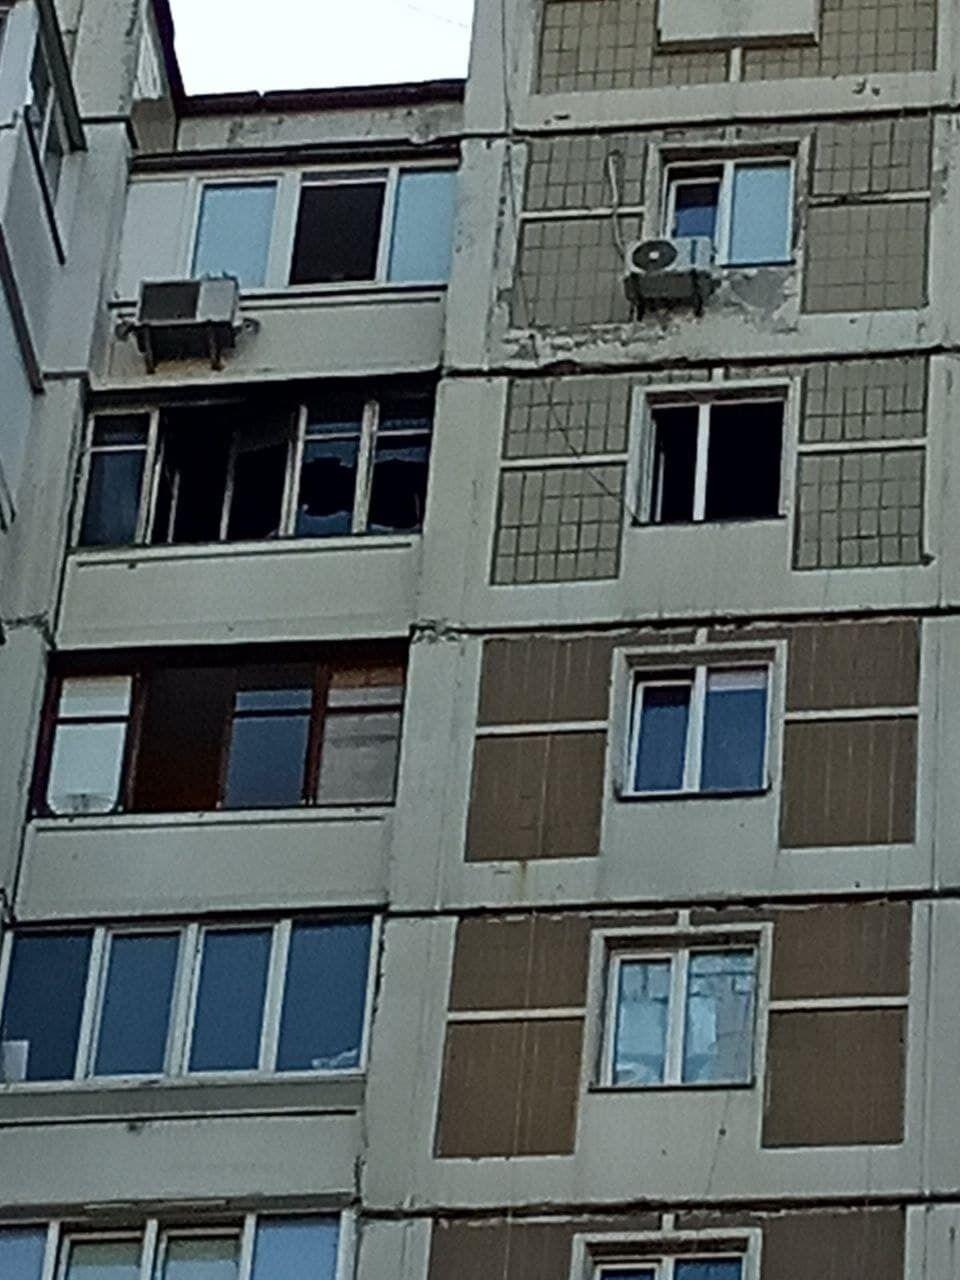 Окно квартиры, где произошло возгорание